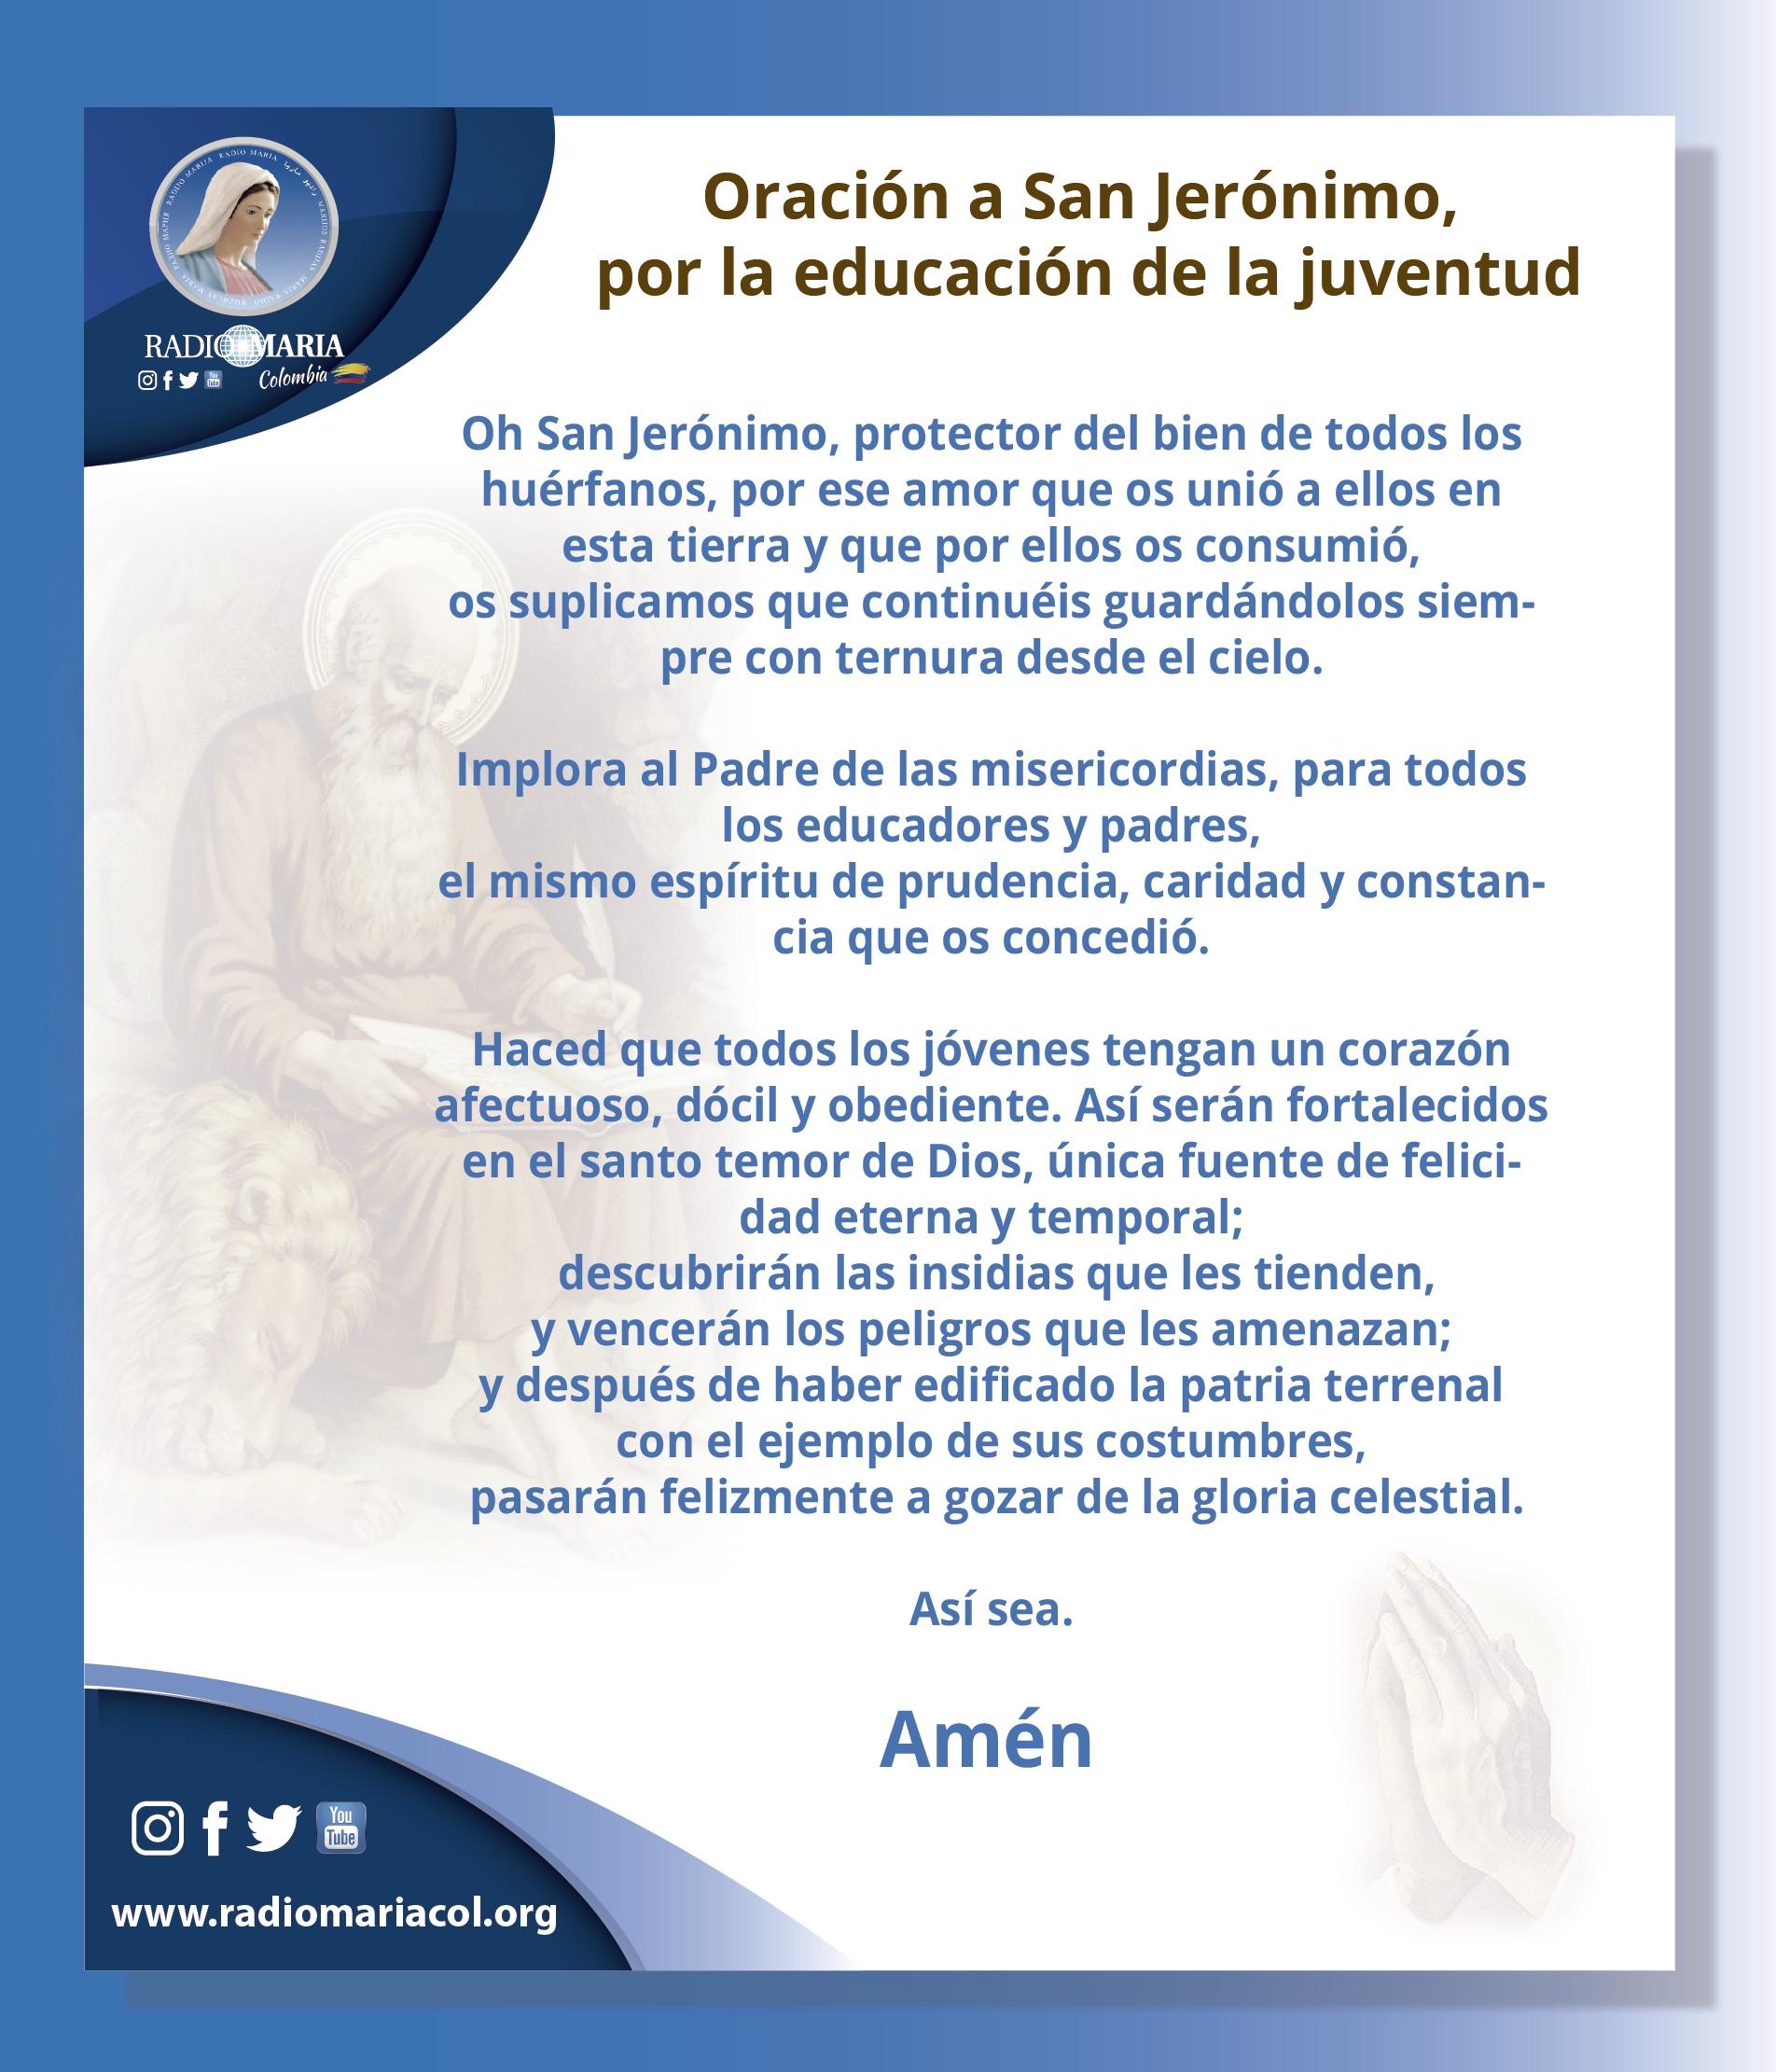 2 Oración a San Jerónimo, por la educación de la juventud